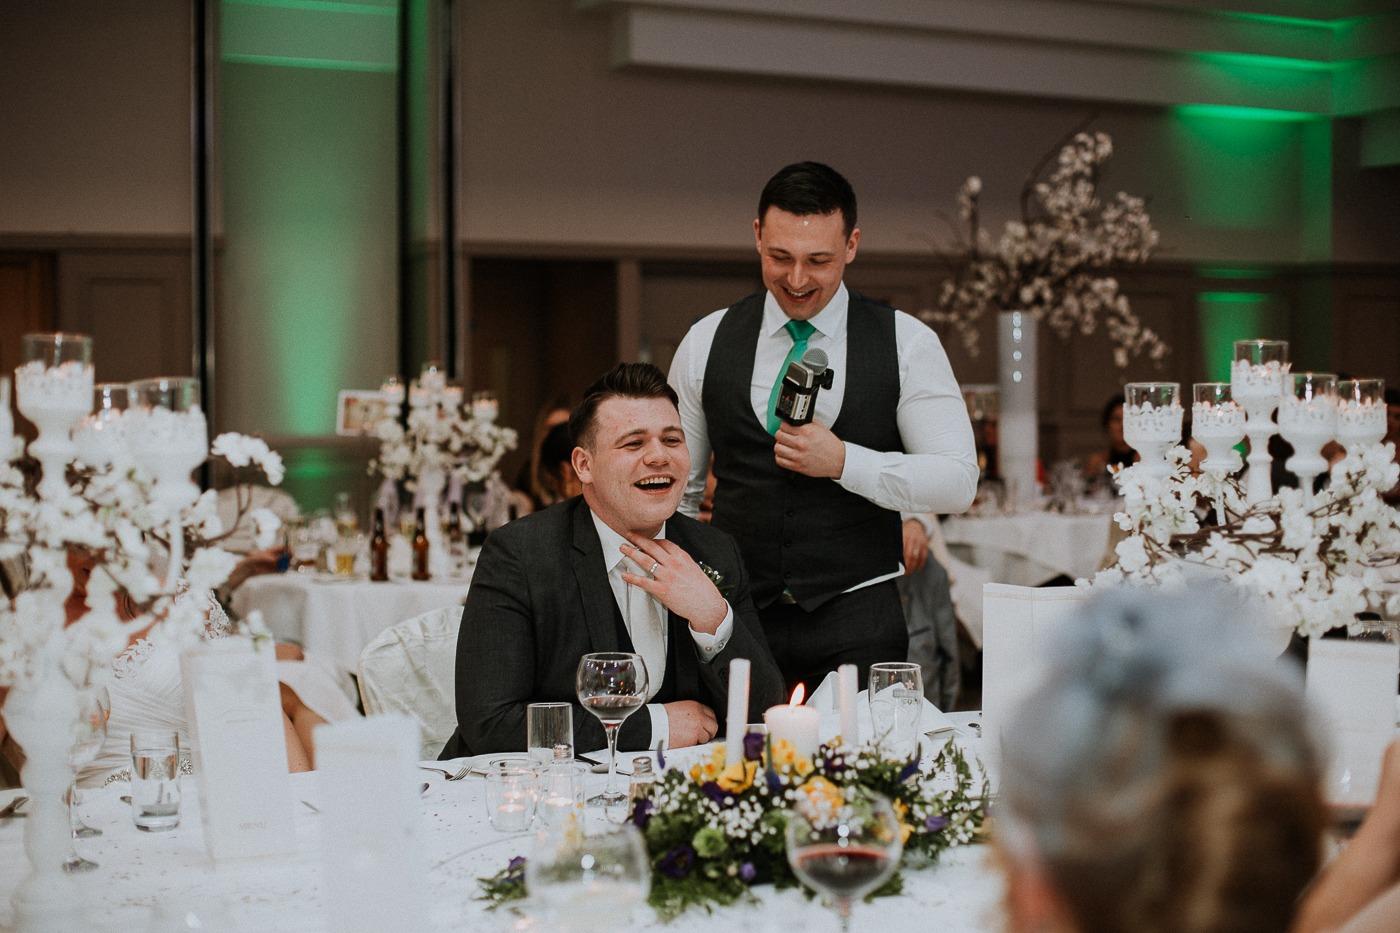 Radisson_Blu_Hotel_Wedding